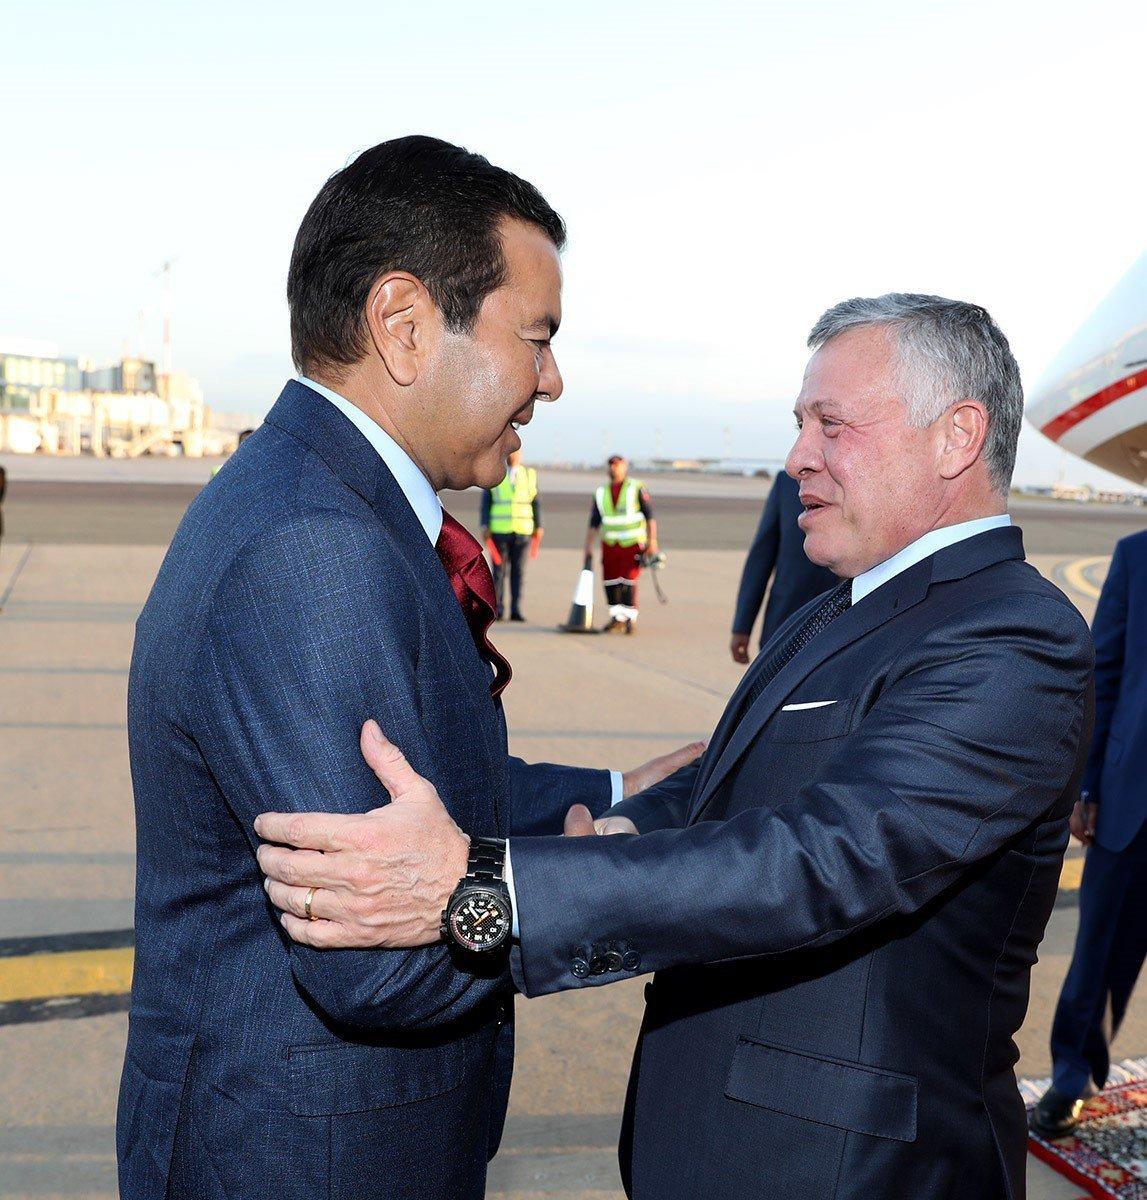 Arrivée à Casablanca du roi Abdallah II de Jordanie pour une visite d'amitié et de